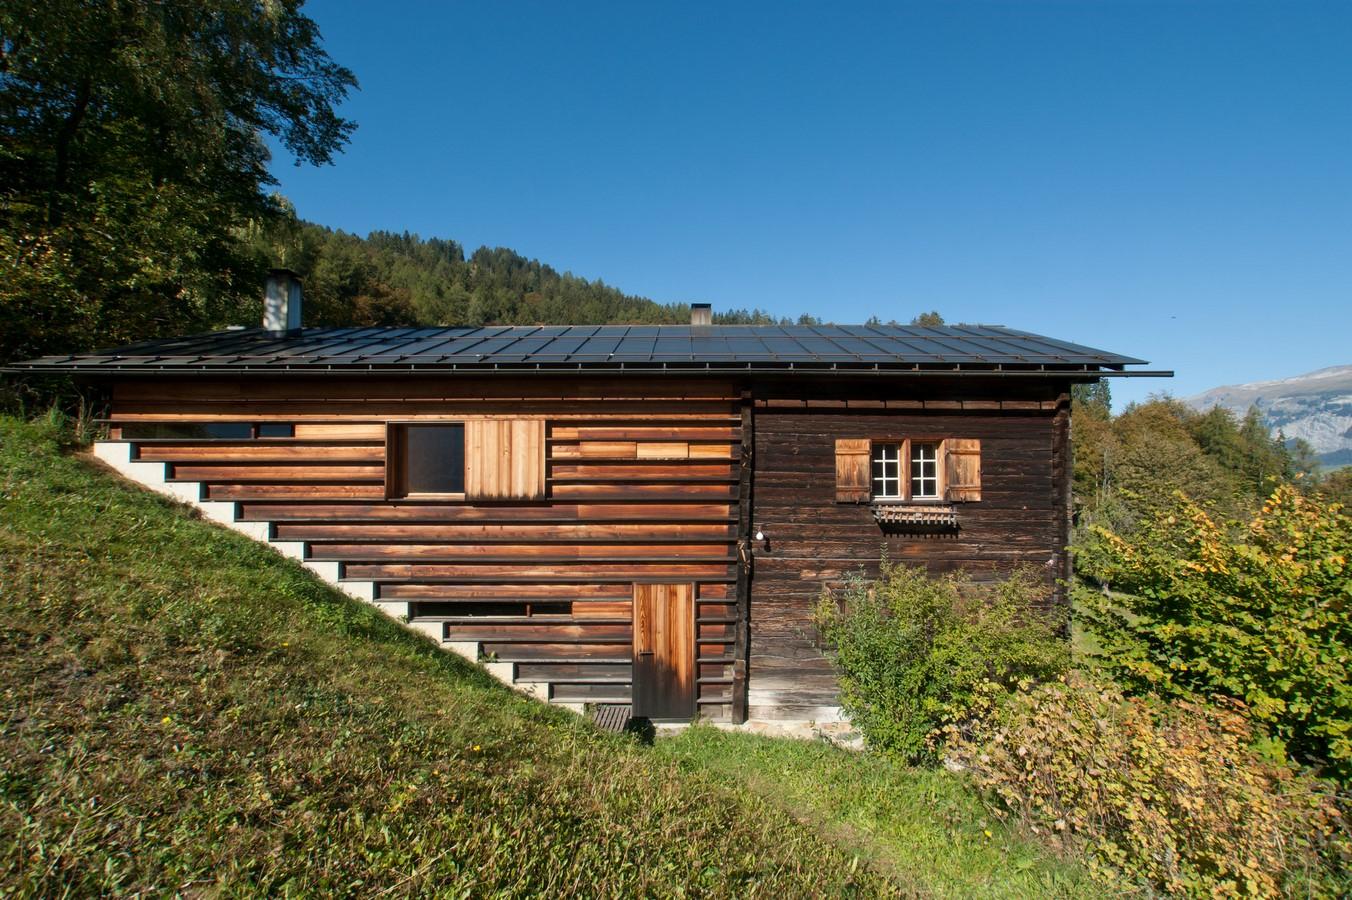 Gugalun House, Versam, Switzerland (1994) - Sheet1